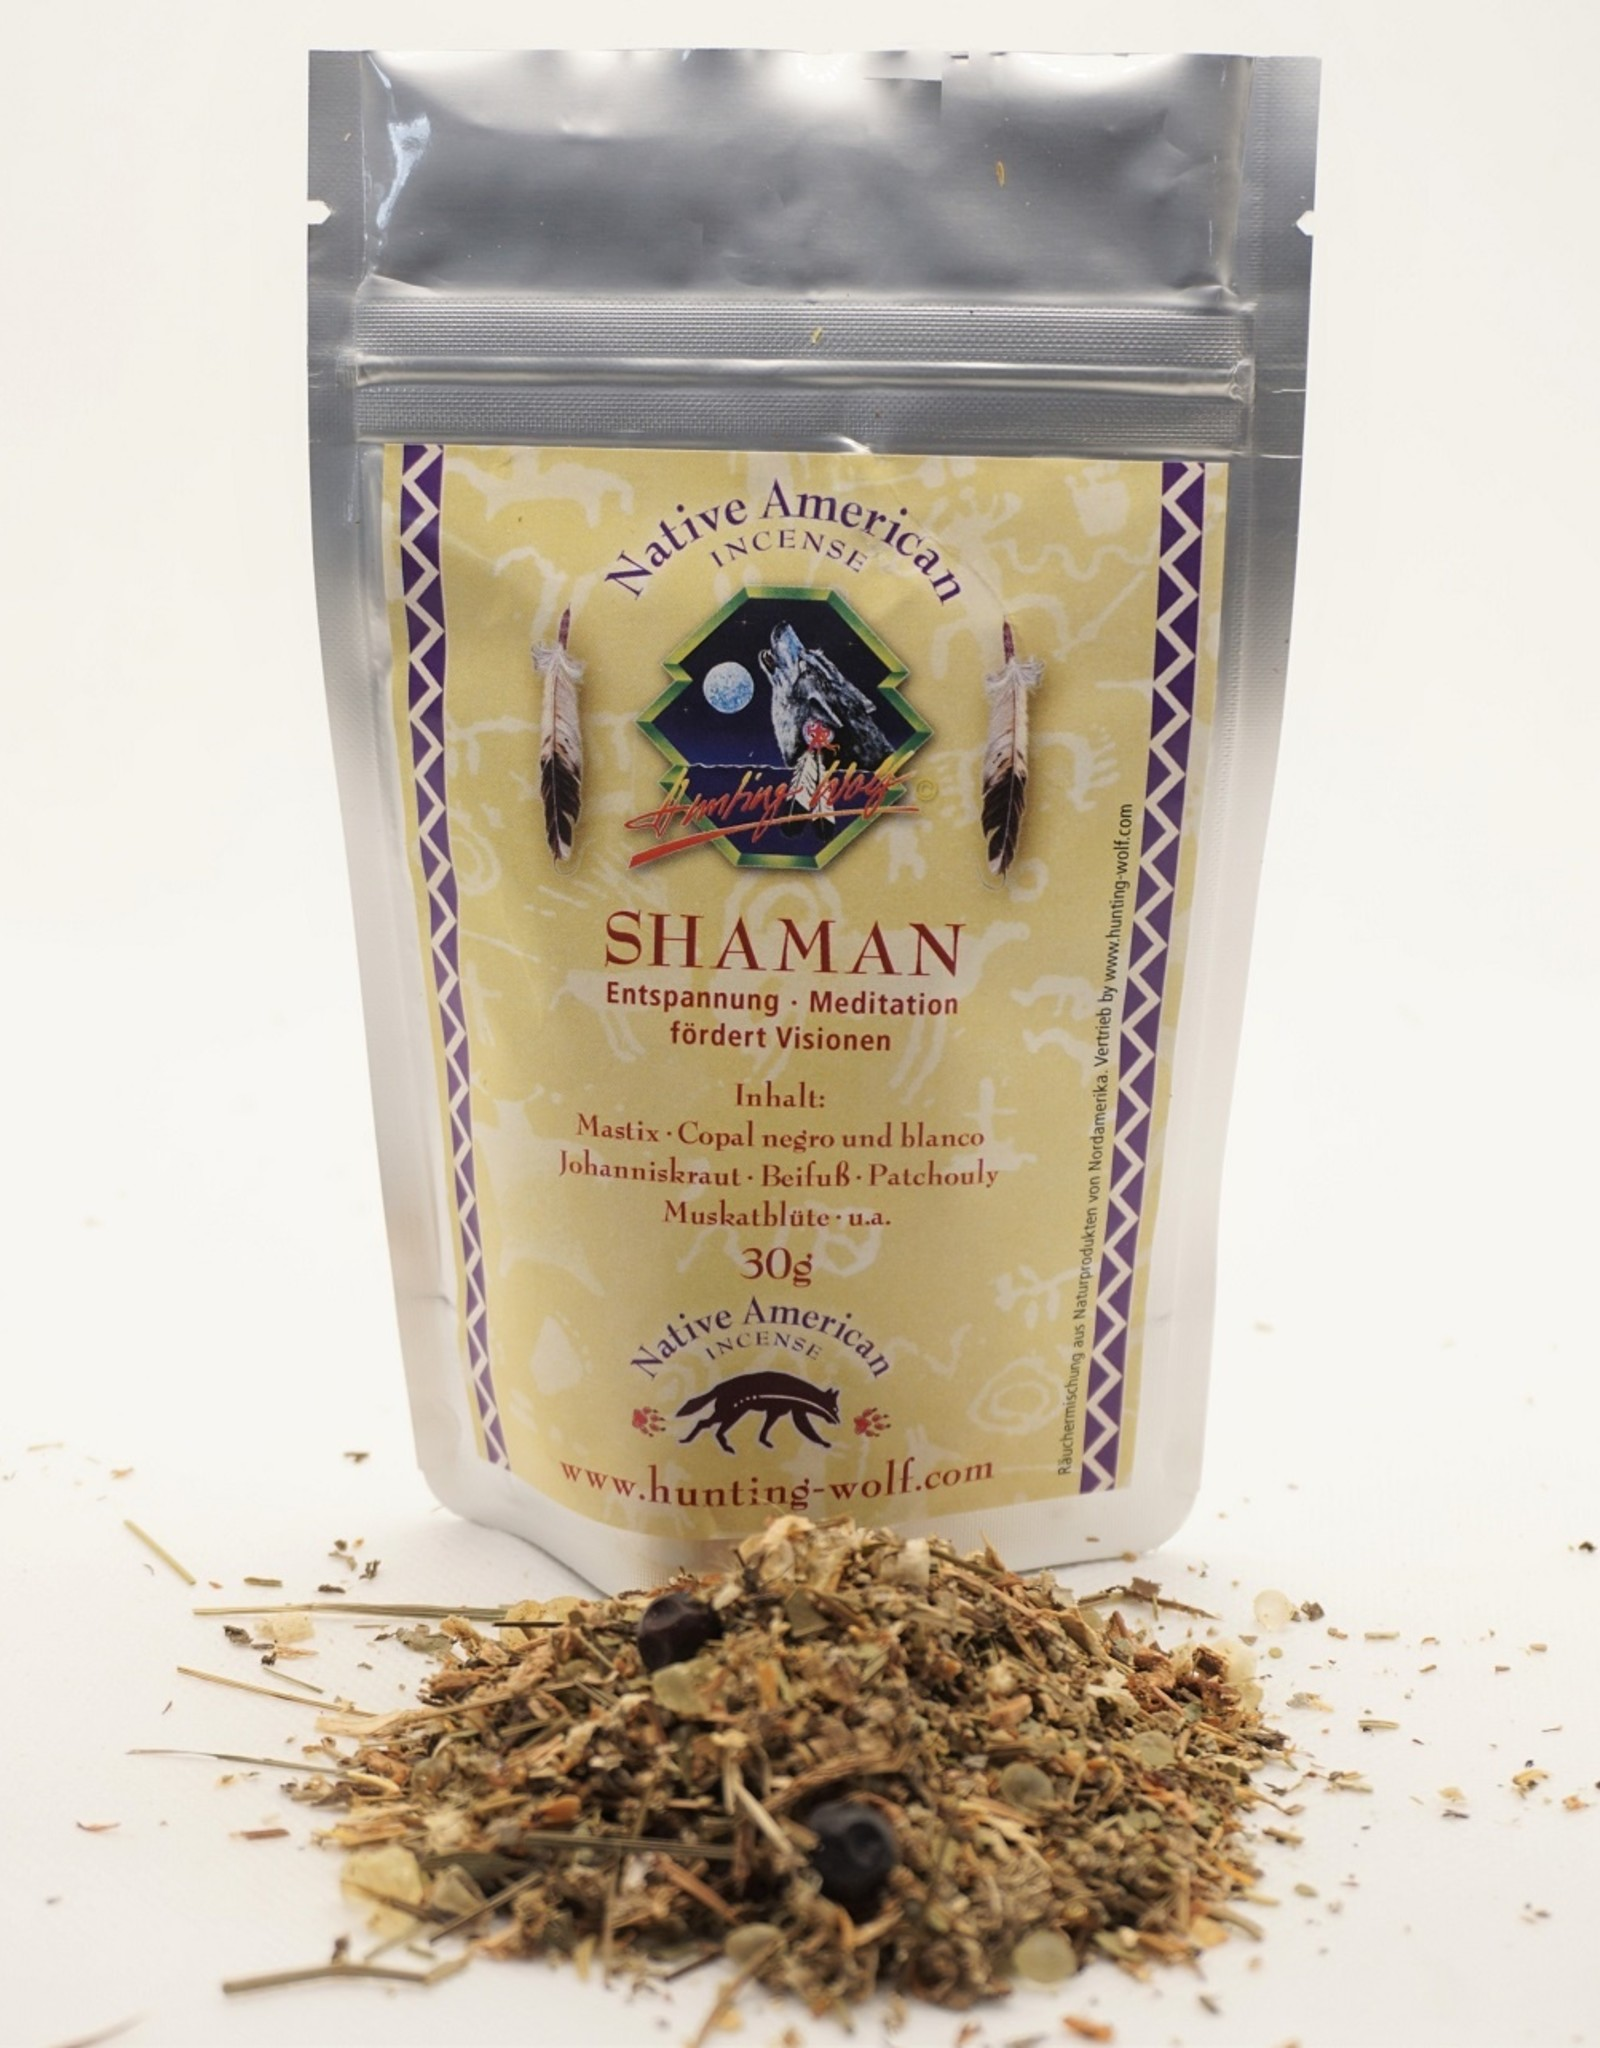 Shaman - Eine entspannende und visionsfördernde Räuchermischung